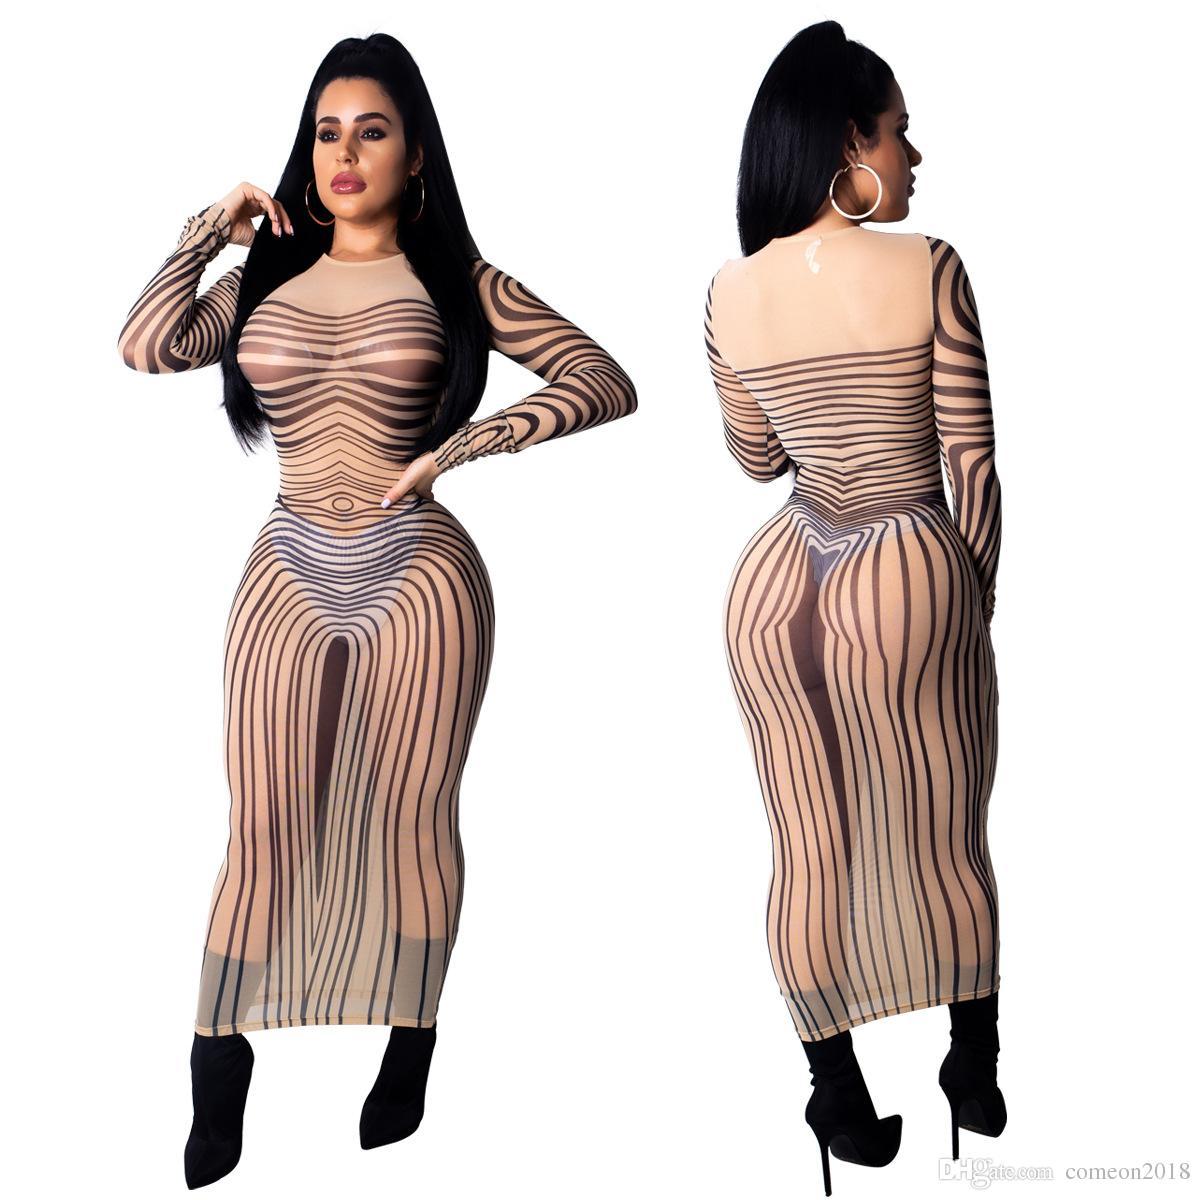 Großhandel Damen Kleidung Modedesigner Party Kleid Bodys Kleider Damen Sexy  Party Bodycon Nachtclub Durchsichtig Gestreifte Kleider Vestidos Von